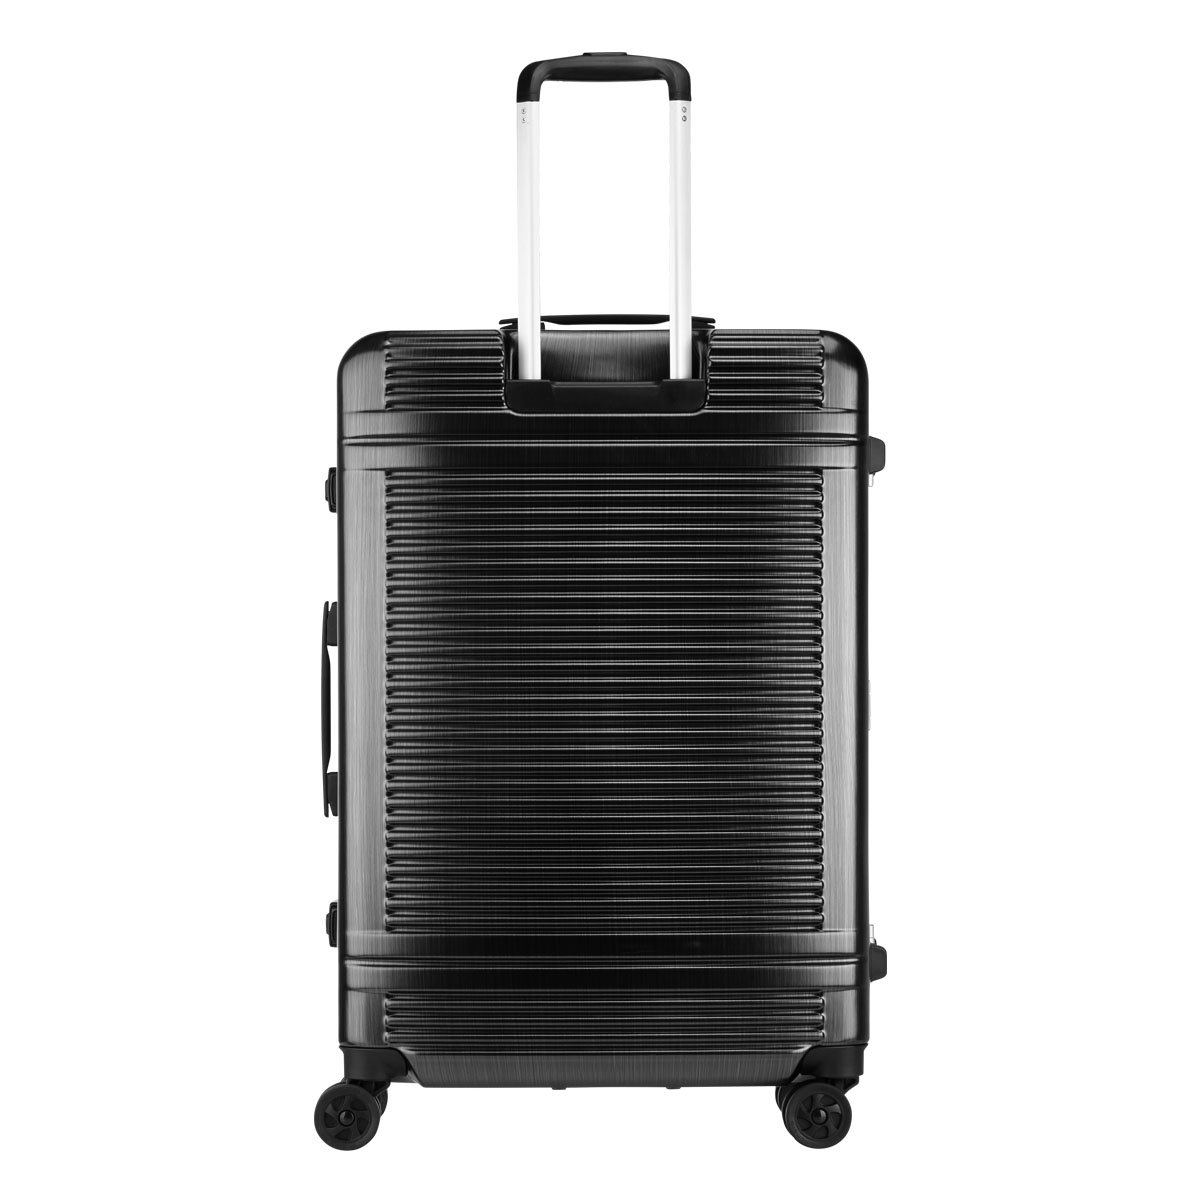 サンコー スーツケース|90L 68cm 5.8kg WSW1-LF|軽量 フロントオープン ハード フレーム|TSAロック搭載 ポケット付き HINOMOTO 大容量 ワールドスターW ビジネス SUNCO [bef][PO10][即日発送]